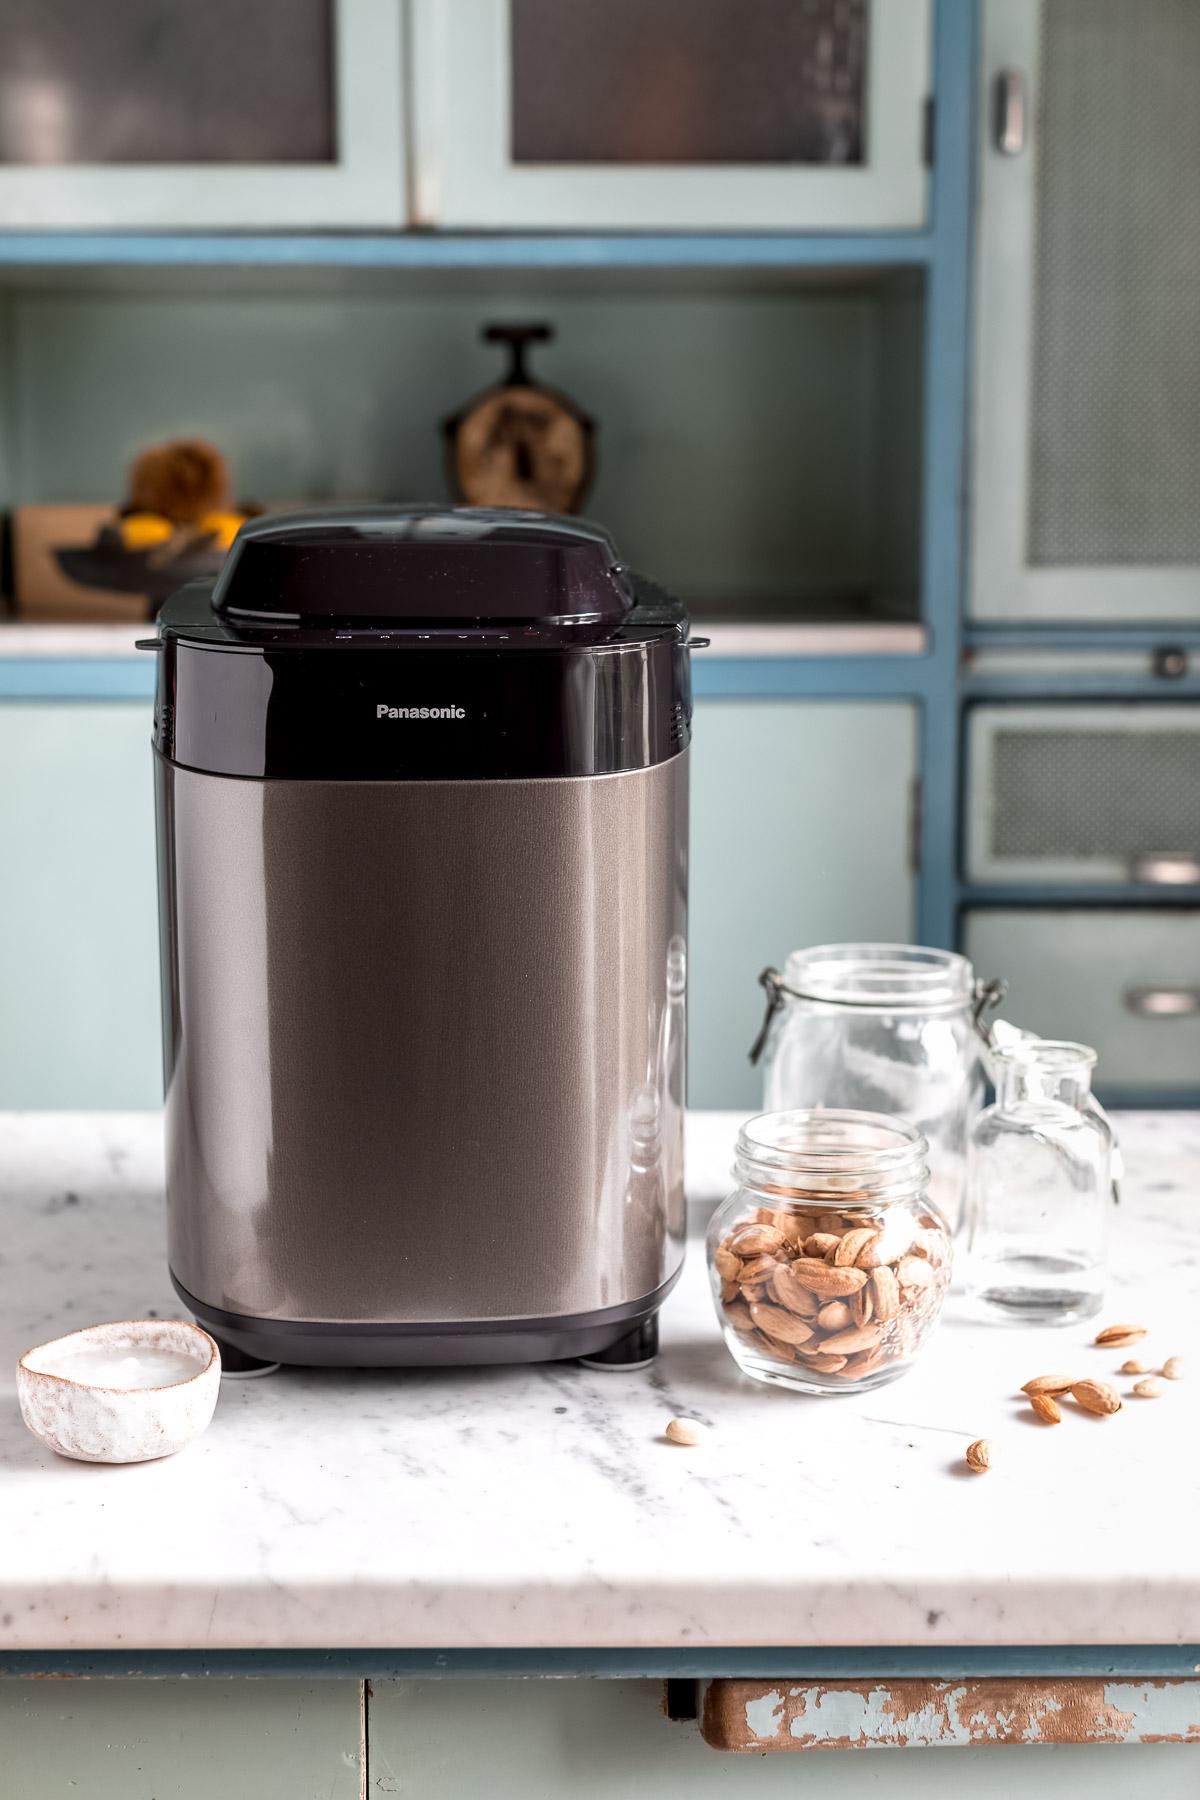 Galette al cioccolato e pere vegan senza glutine macchina del pane gluten-free Vegan Chocolate Pear Galette bread machine